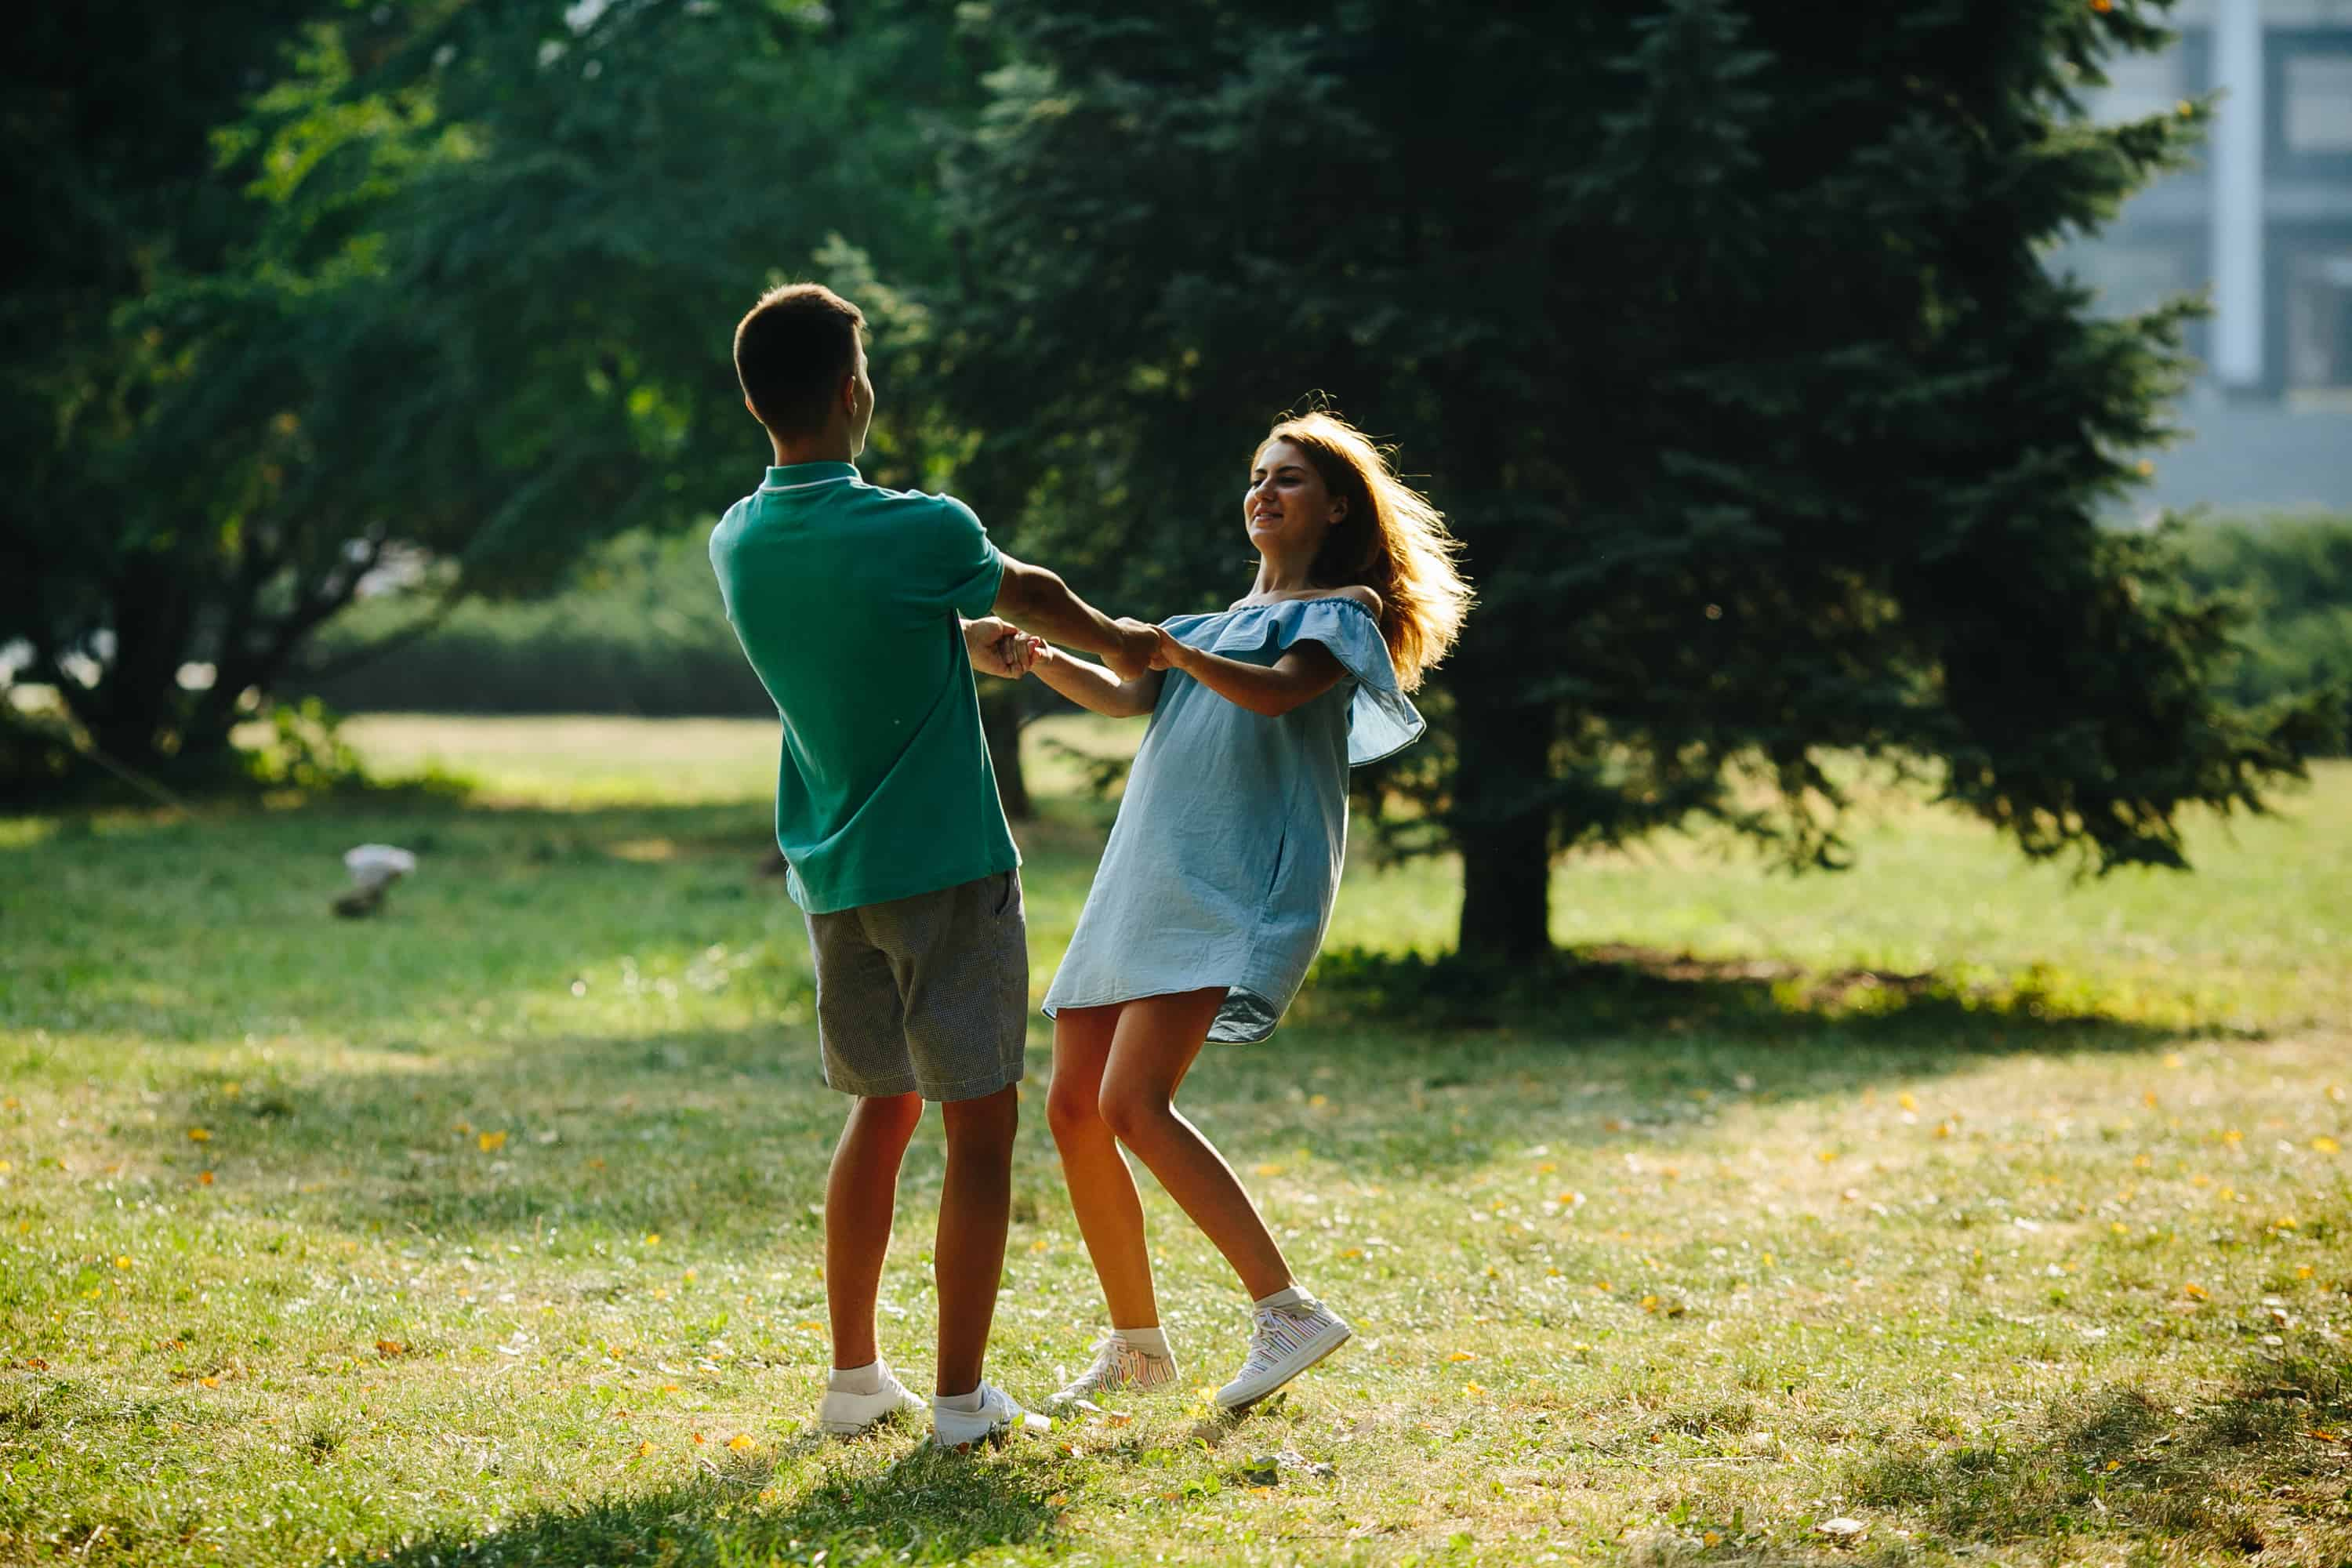 Доверие в отношениях между мужчиной и женщиной